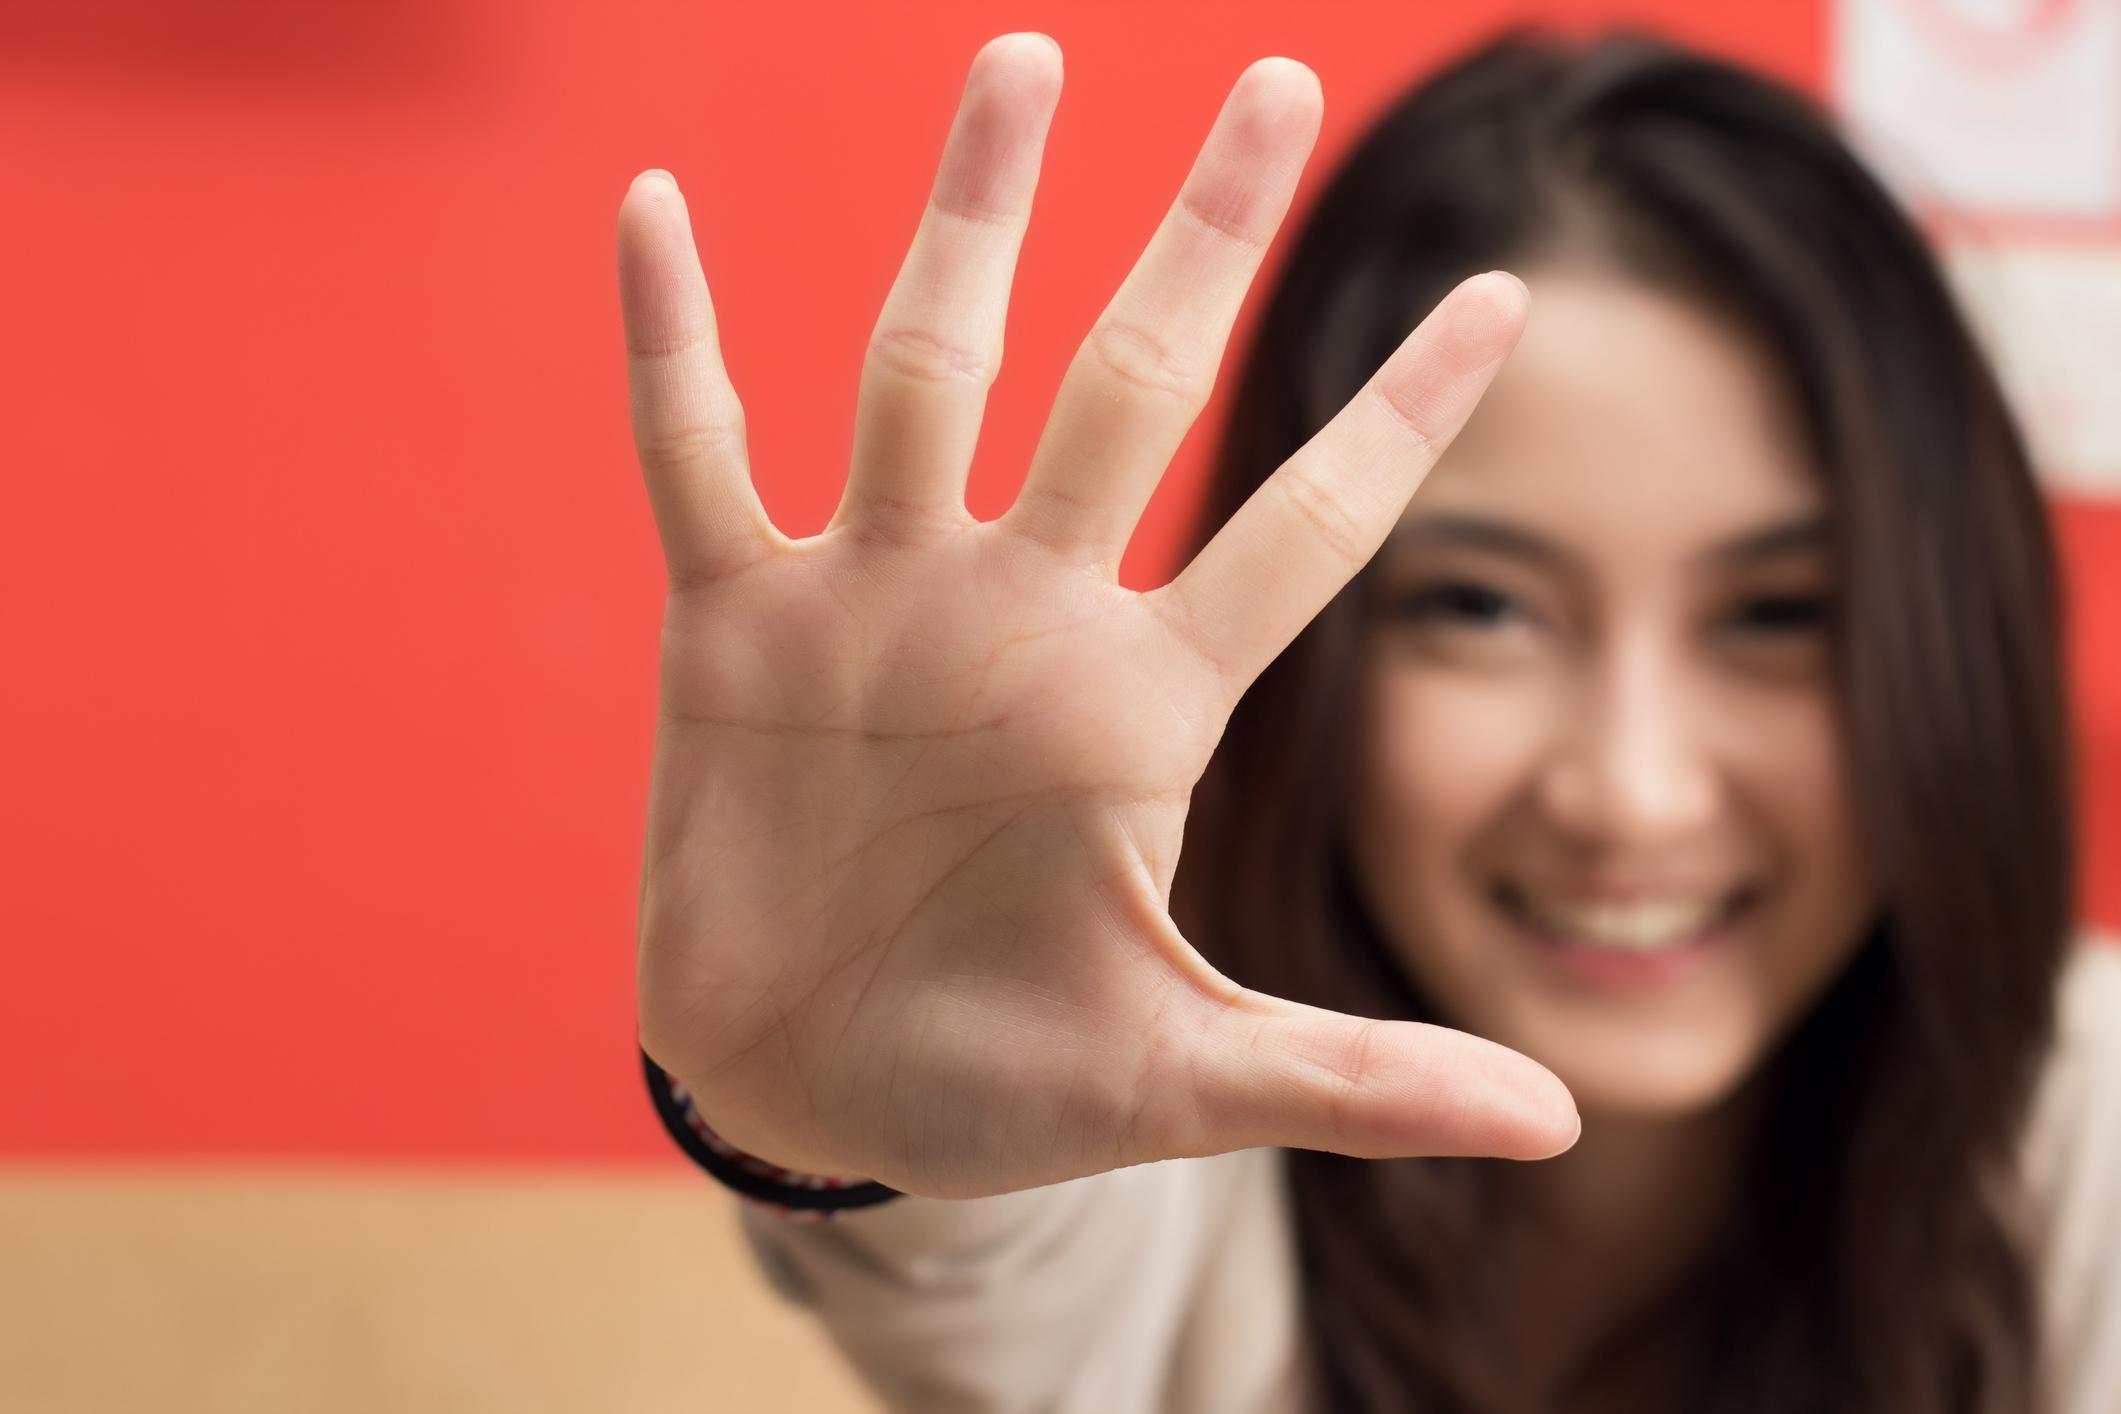 Female fingering pics — img 9